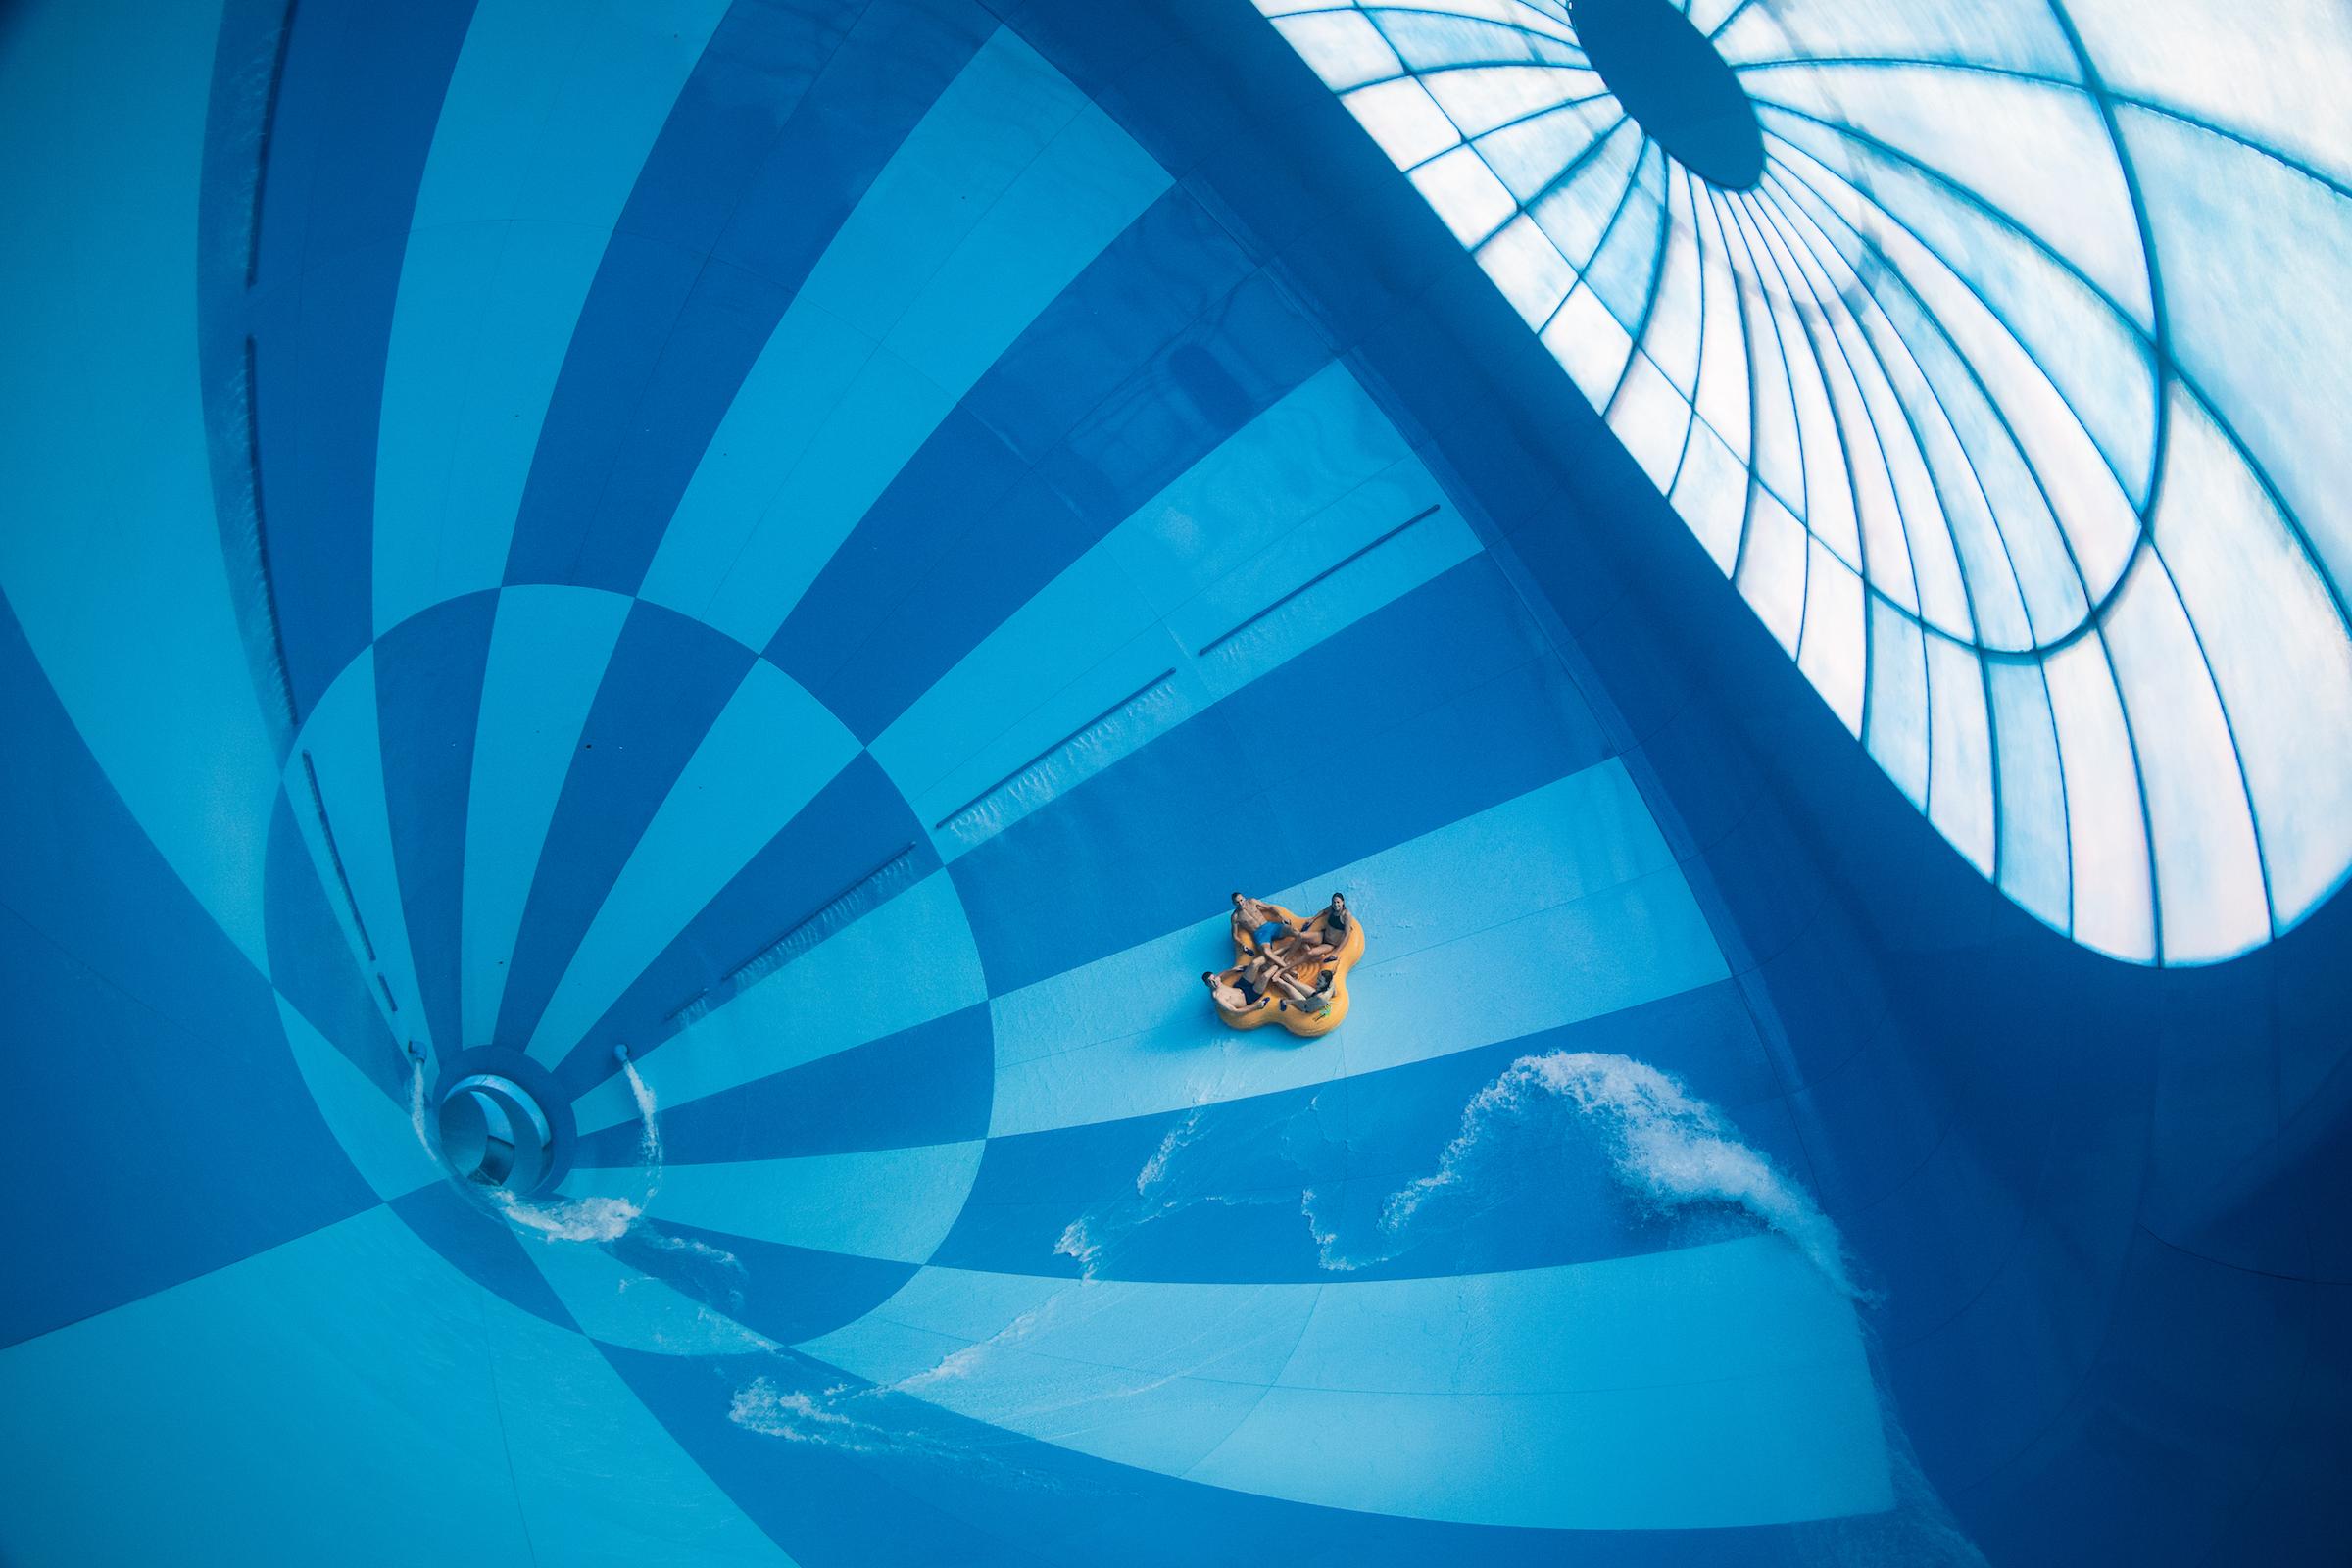 Hof van Saksen creëert ultieme beleving met drie spectaculaire indoor waterglijbanen